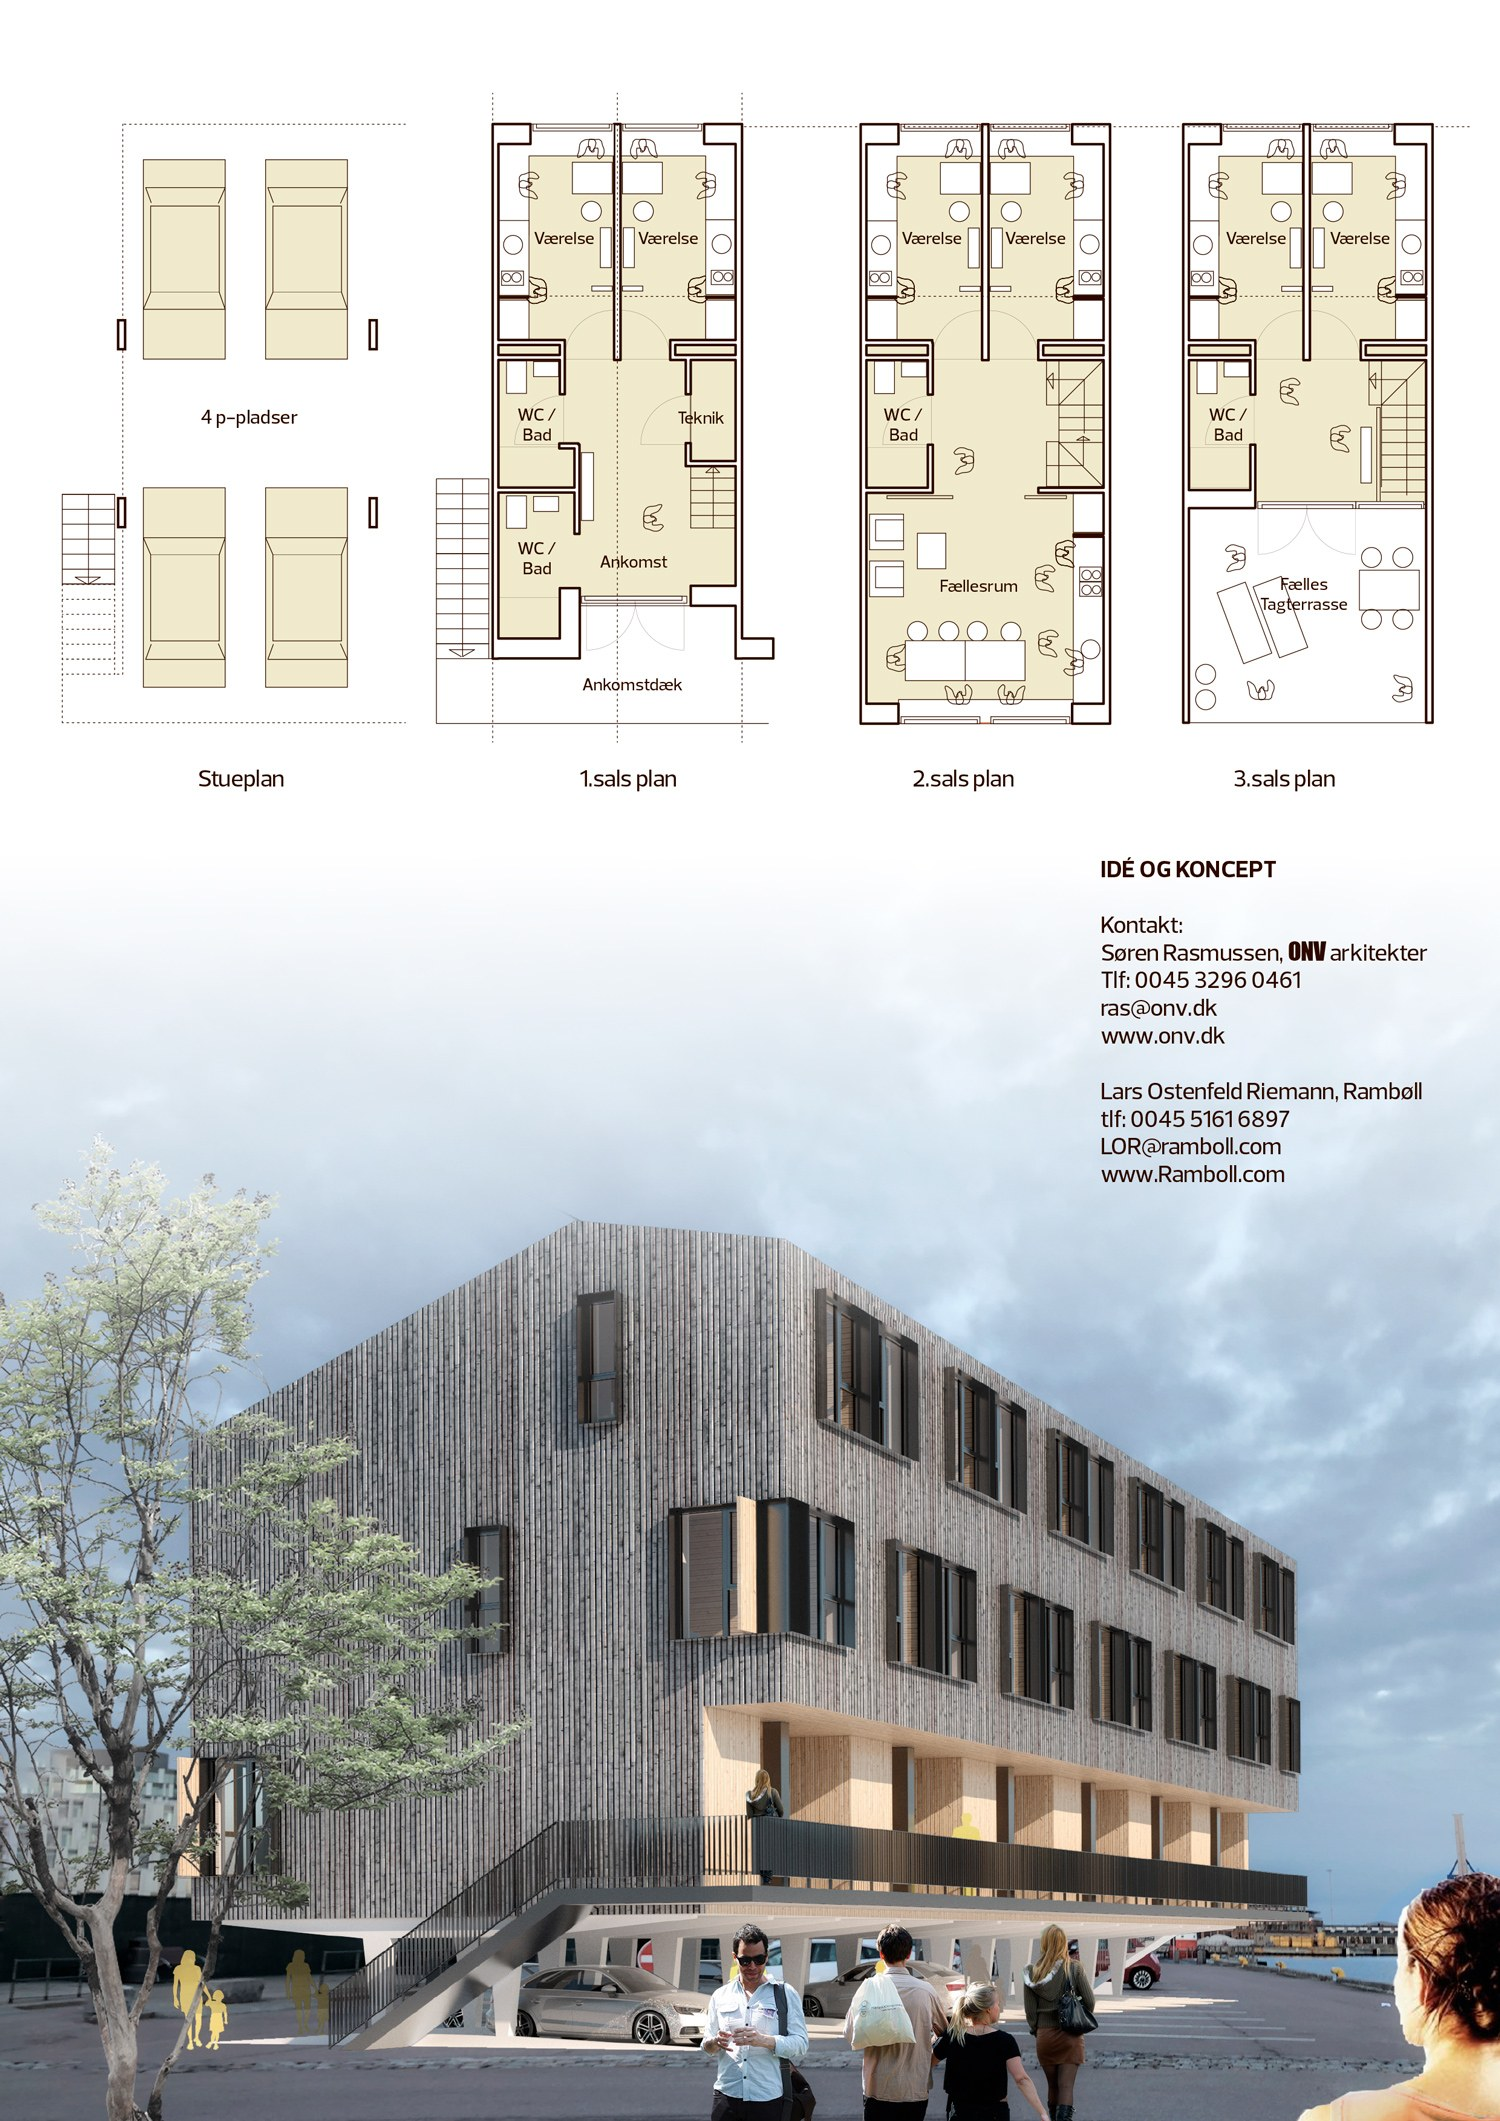 Park.-Village-ONV-arkitekter-ungdomsboliger-over-p-pladser-præfab-boliger-prefab-architecture-04